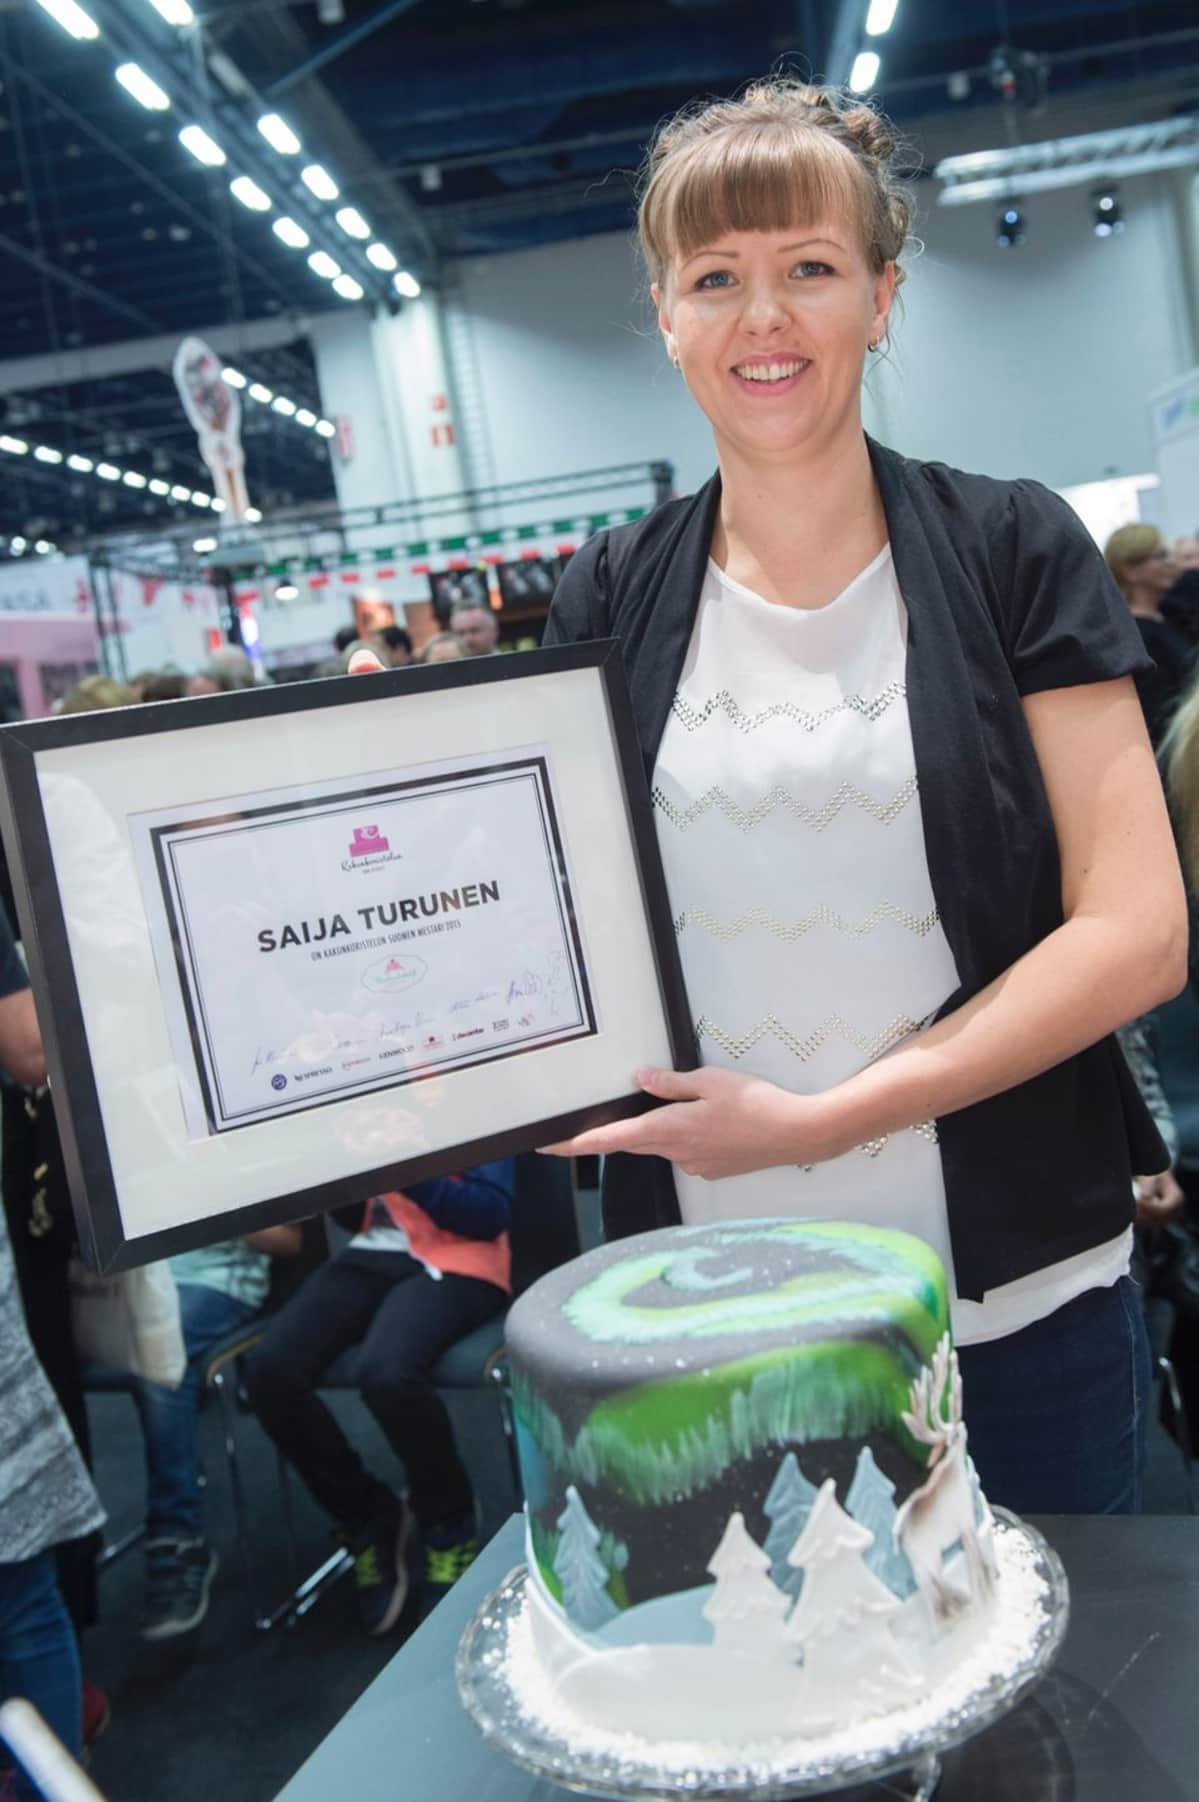 Kakunkoristelun SM -kilpailu amatööreille 2015. Voittaja Saija Turunen